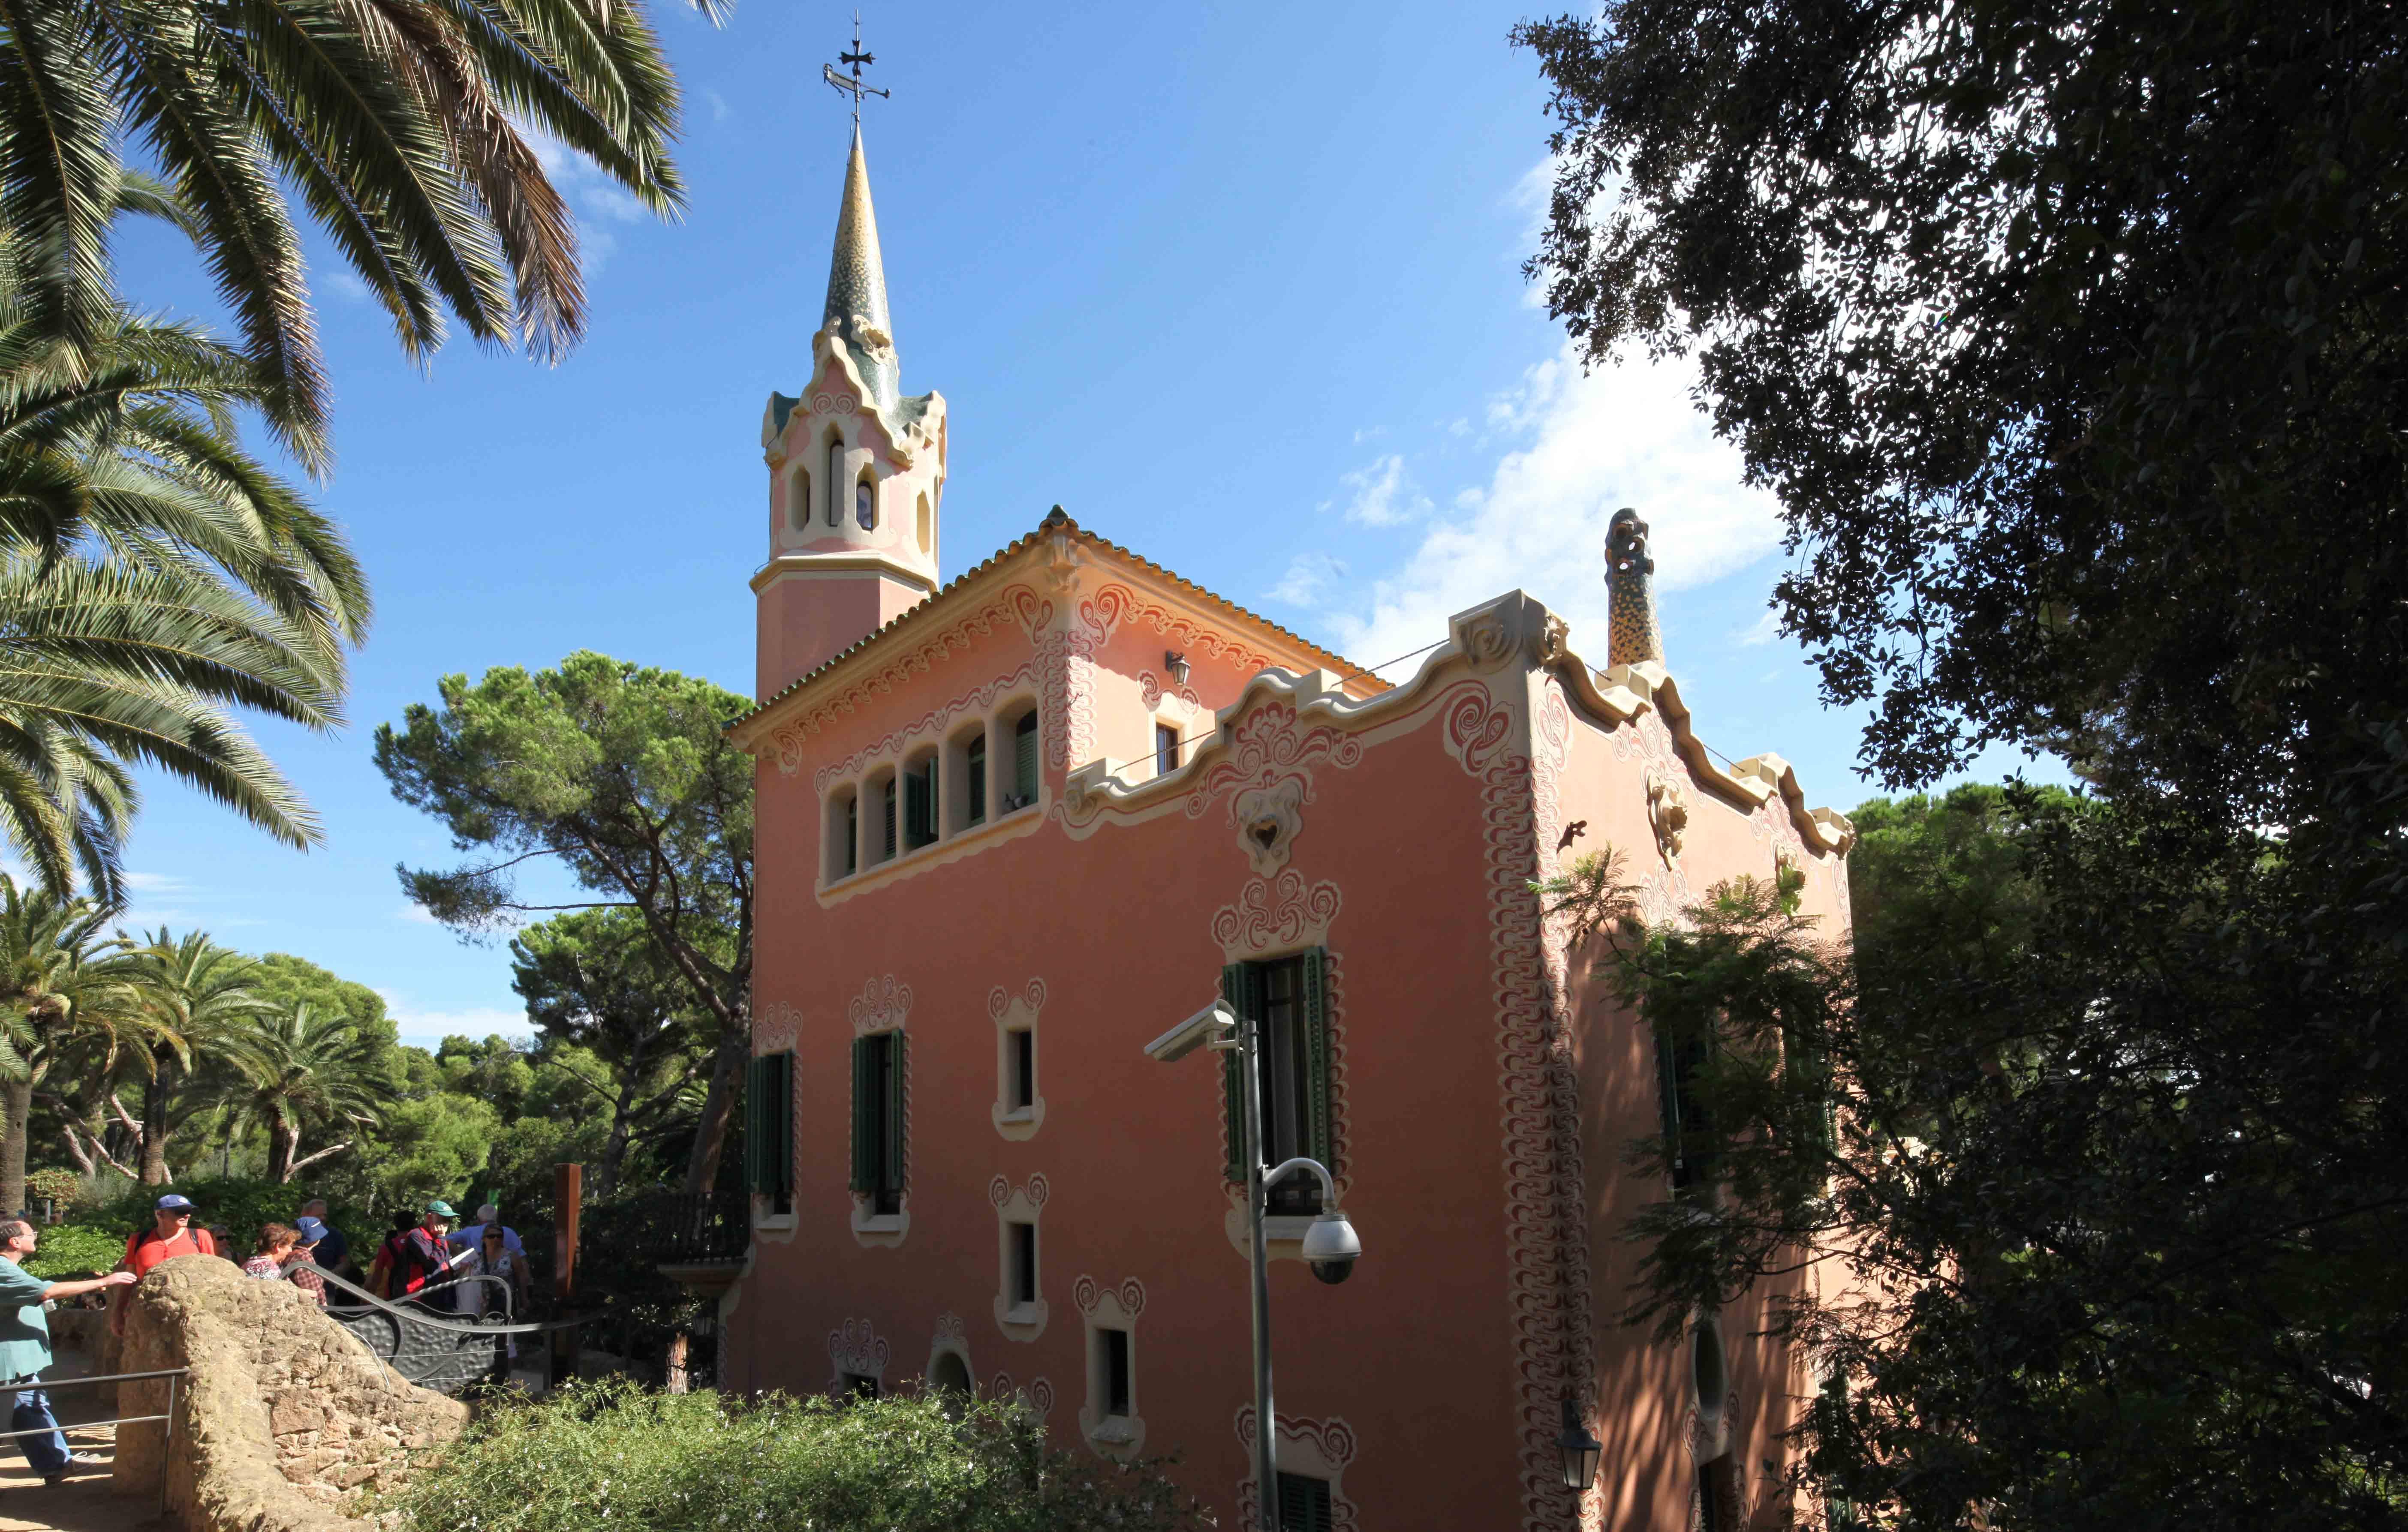 Barcelona g ell park gaudi muzeum jegy v rosk rty k - La maison barcelona ...